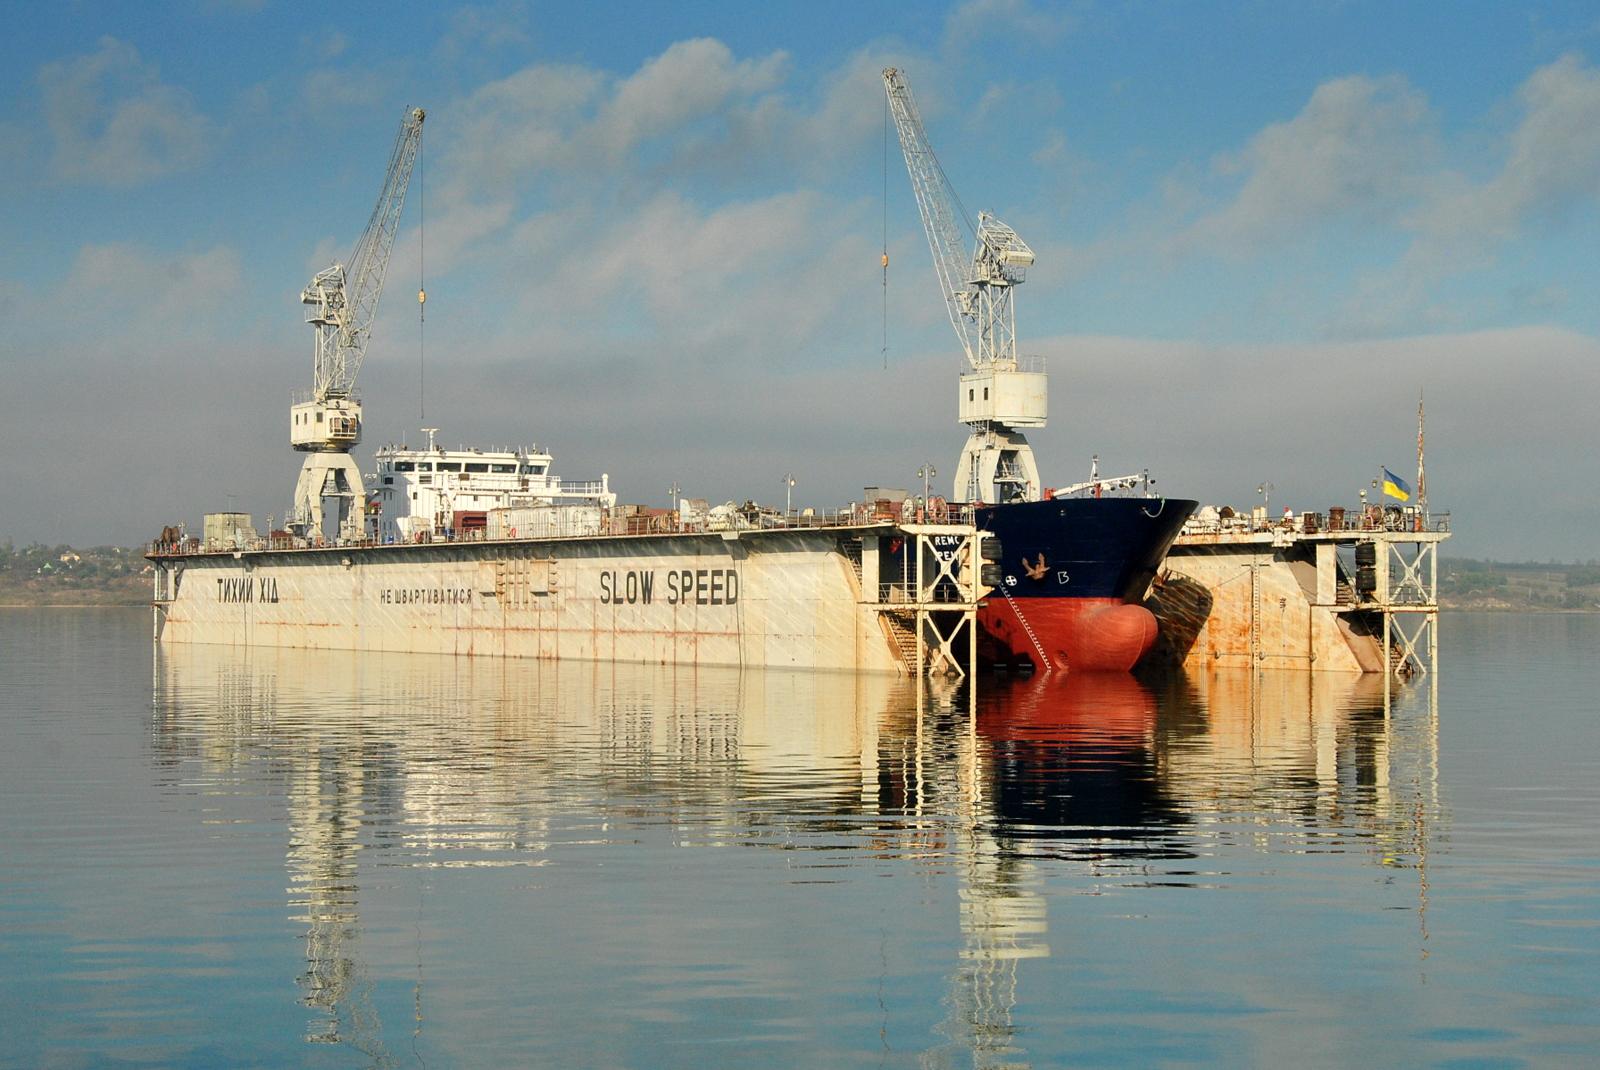 На заводі «Океан» модернізували турецьке судно та подовжили його на 24 метри